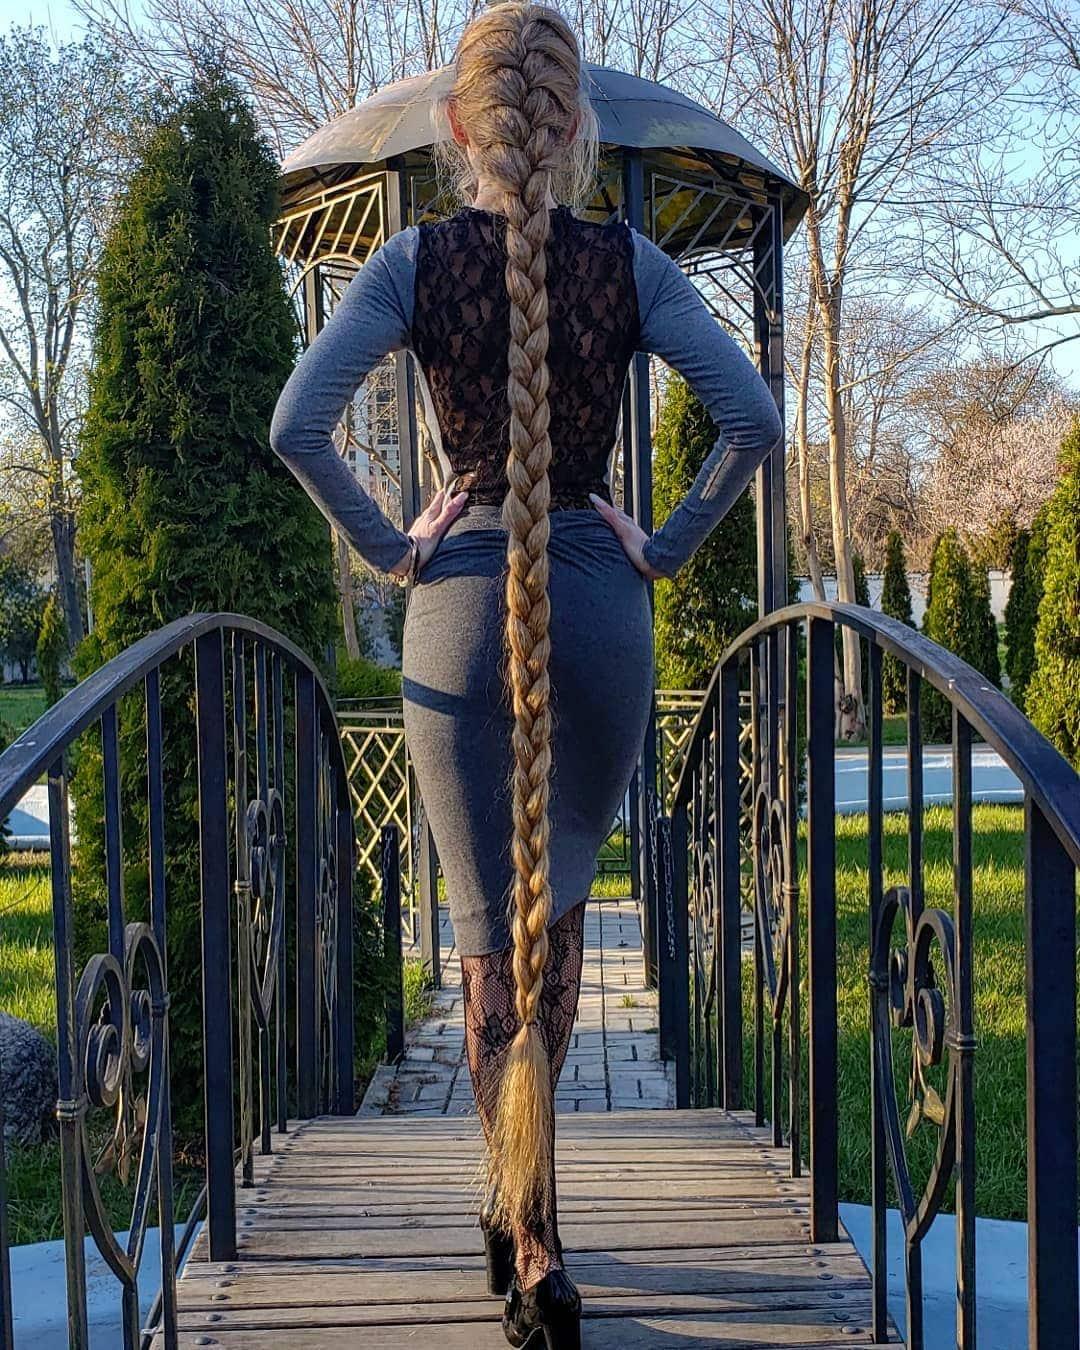 1577107796 27461702d096d67b364124d67ae57a9c - Украинка отрастила волосы длиной в 1.8 метра и рассказала, как живётся Рапунцель в современном мире